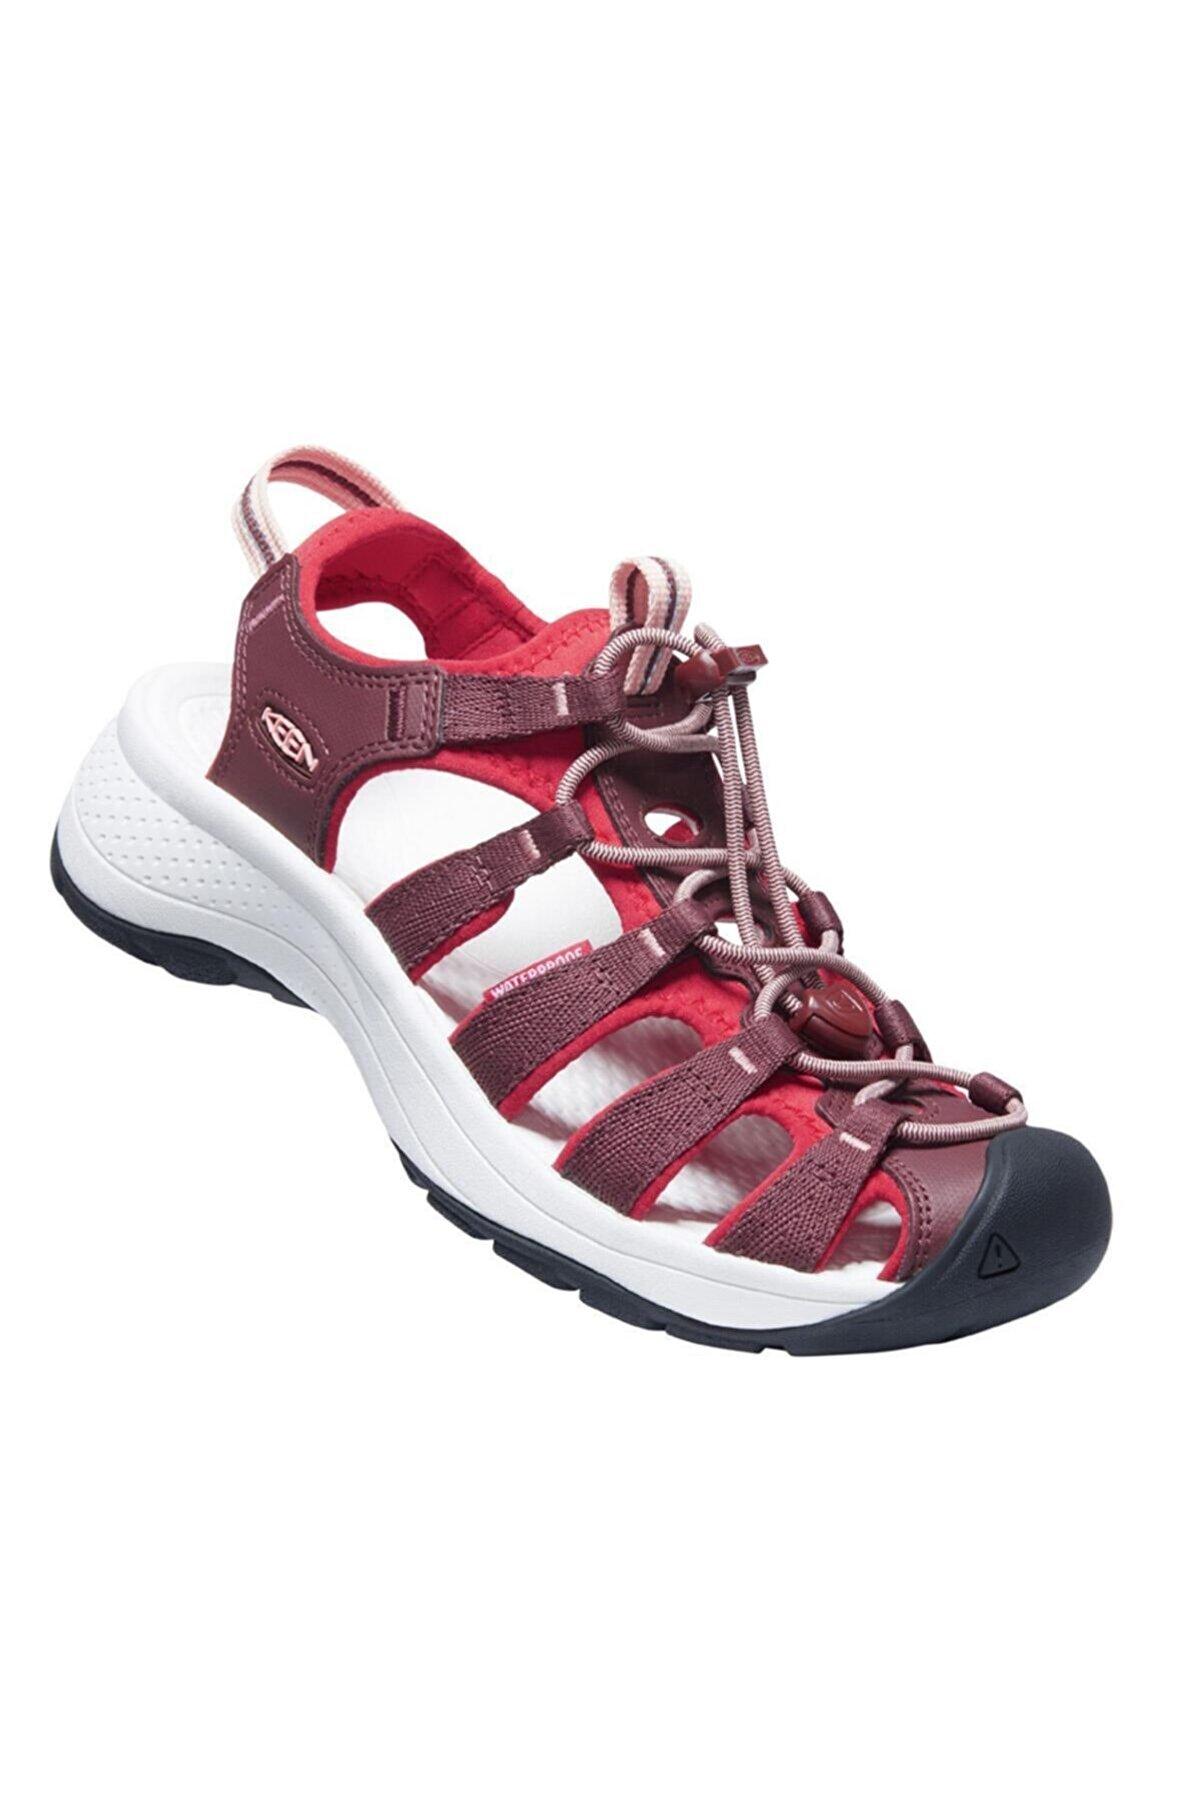 Keen Astoria West Kadın Sandalet - 1024722